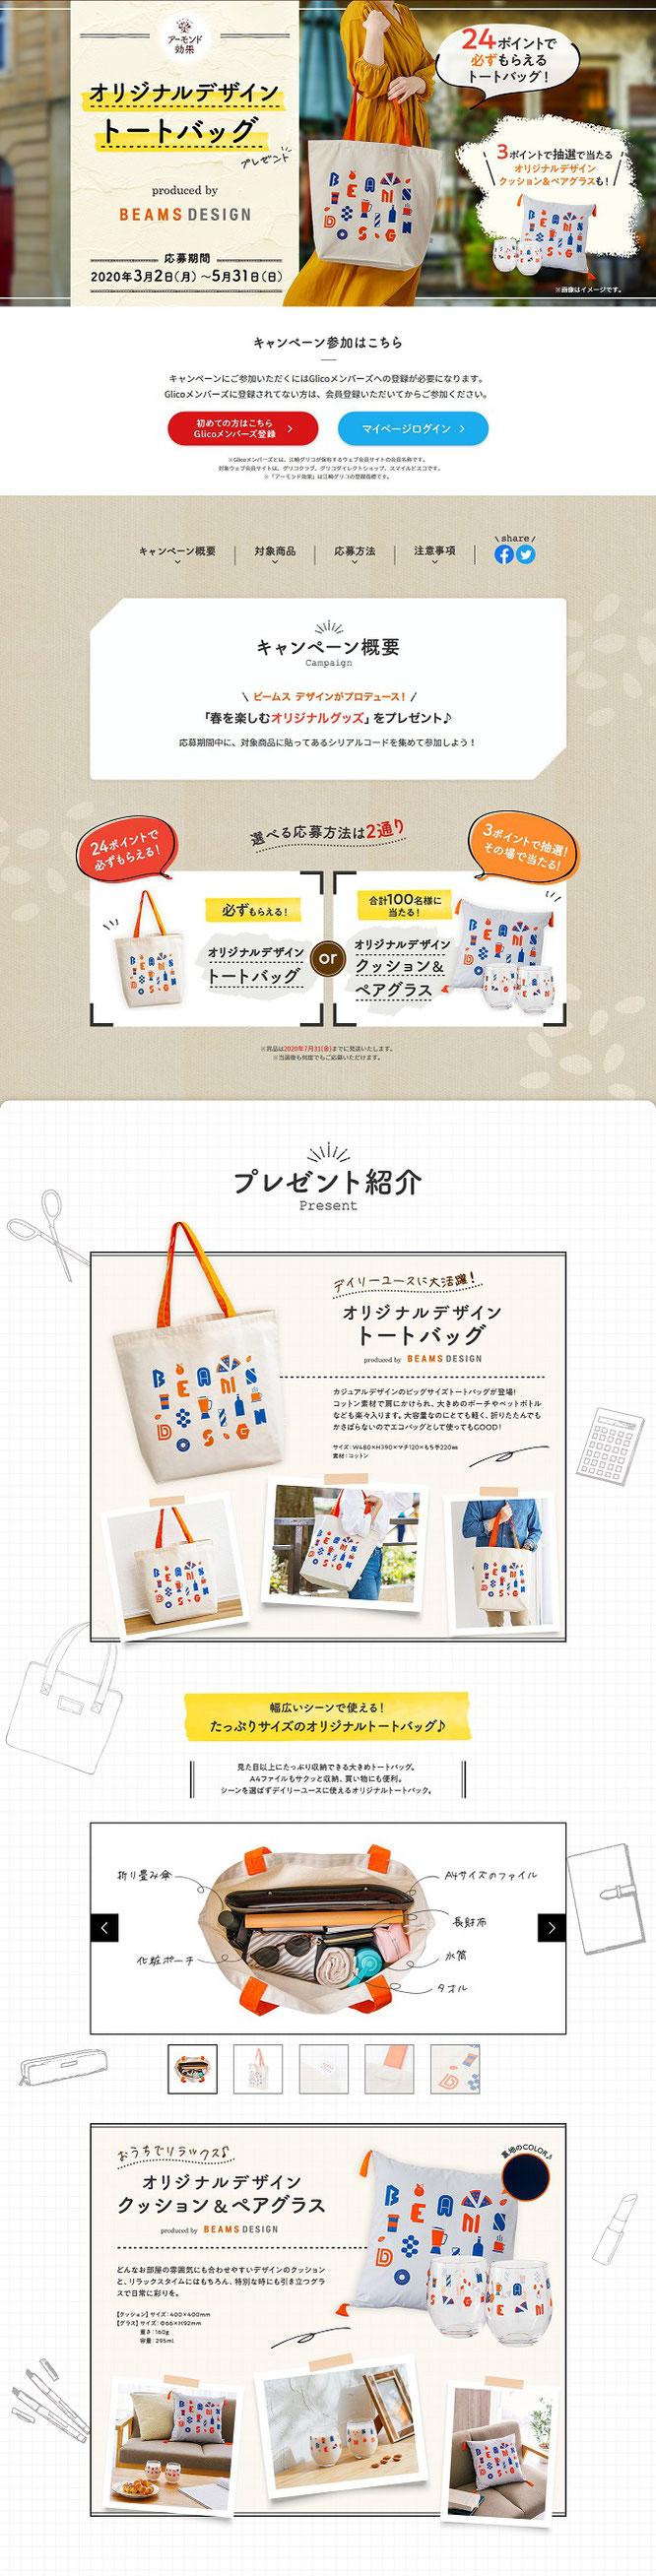 【グリコ】アーモンド効果 BEAMS DESIGN コラボデザイントートバッグプレゼントキャンペーン